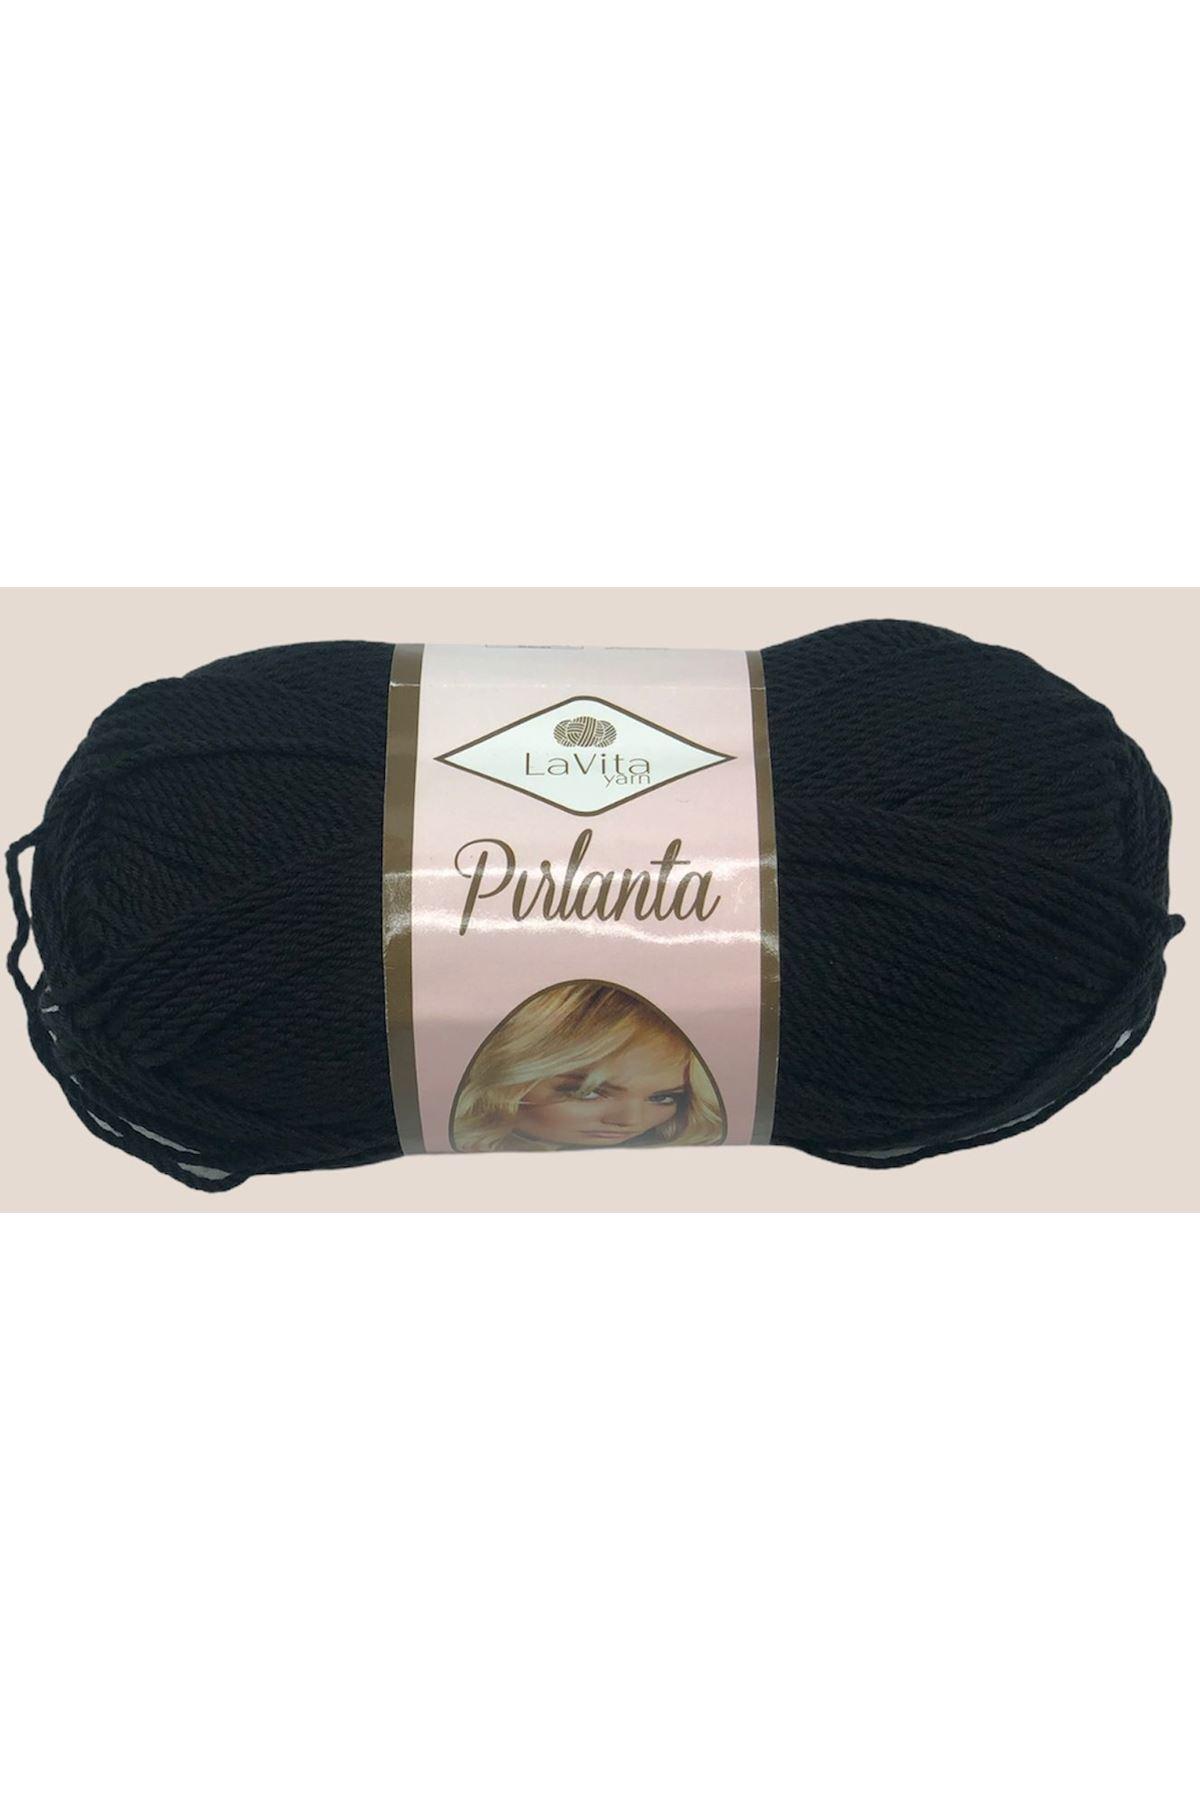 Lavita Pırlanta - 9500 Siyah